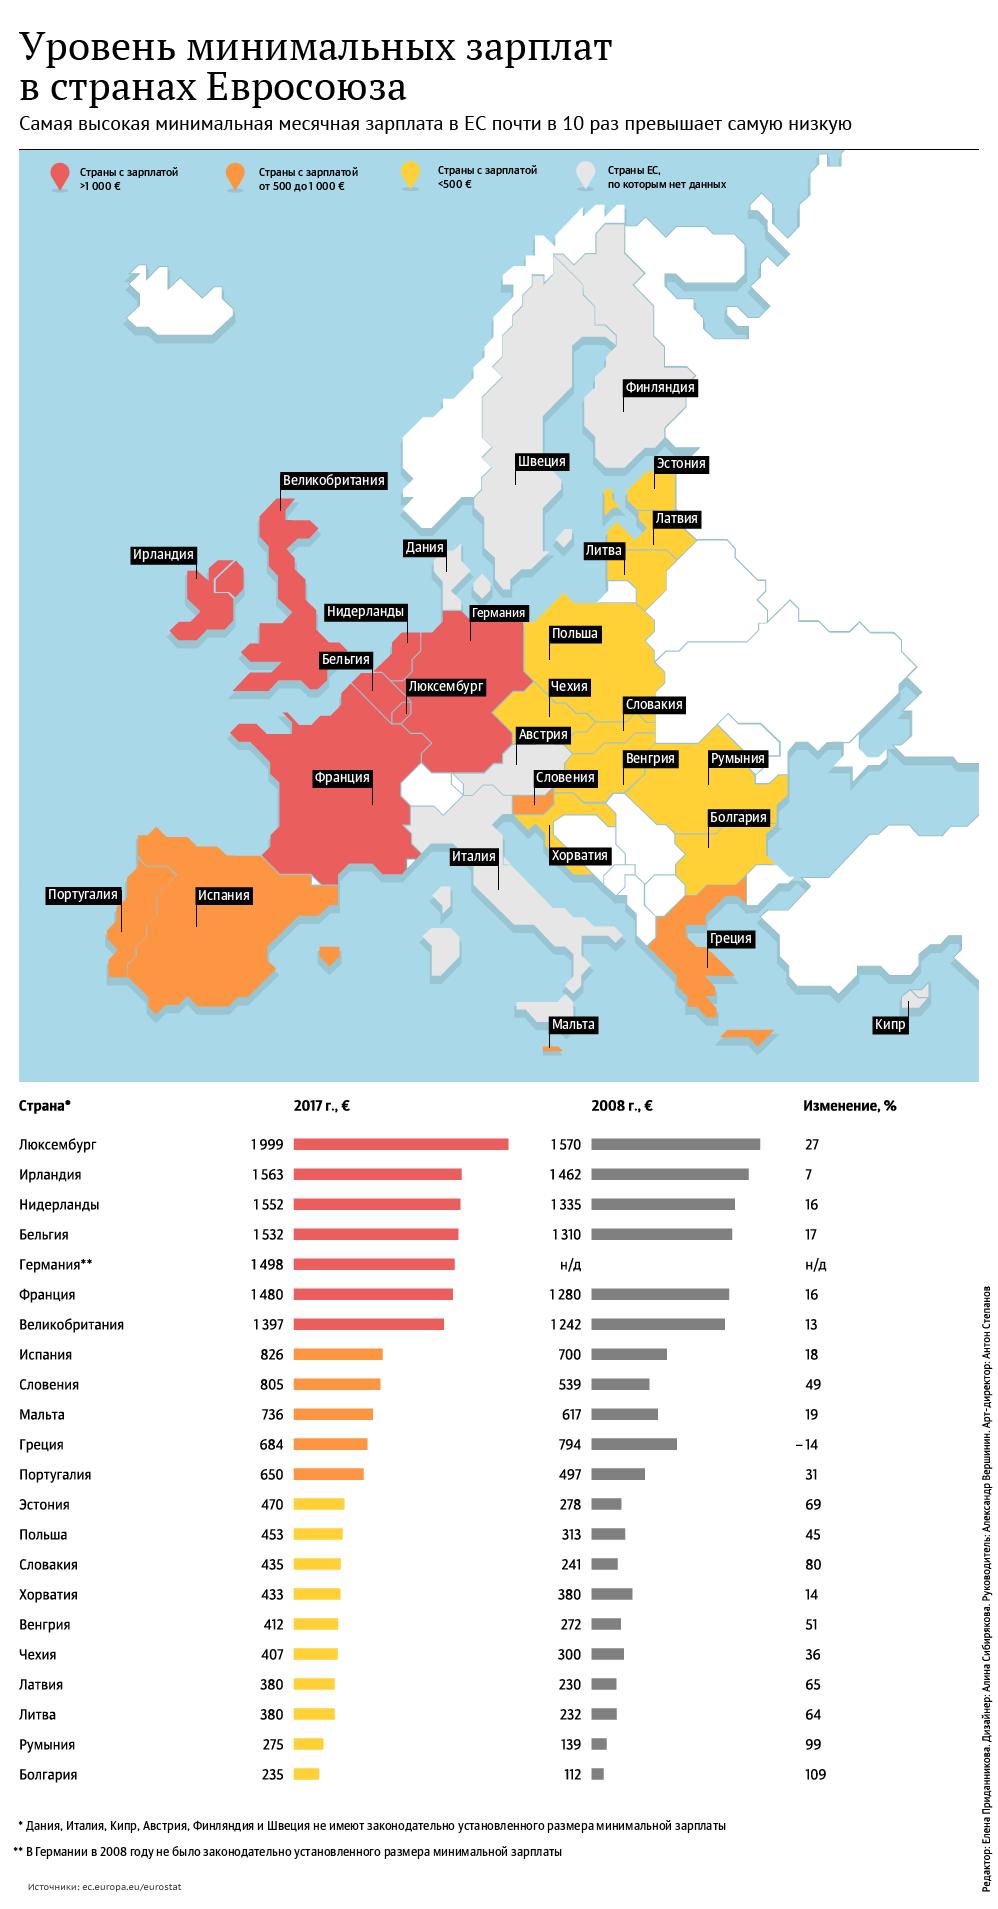 Минимальные зарплаты в странах Евросоюза